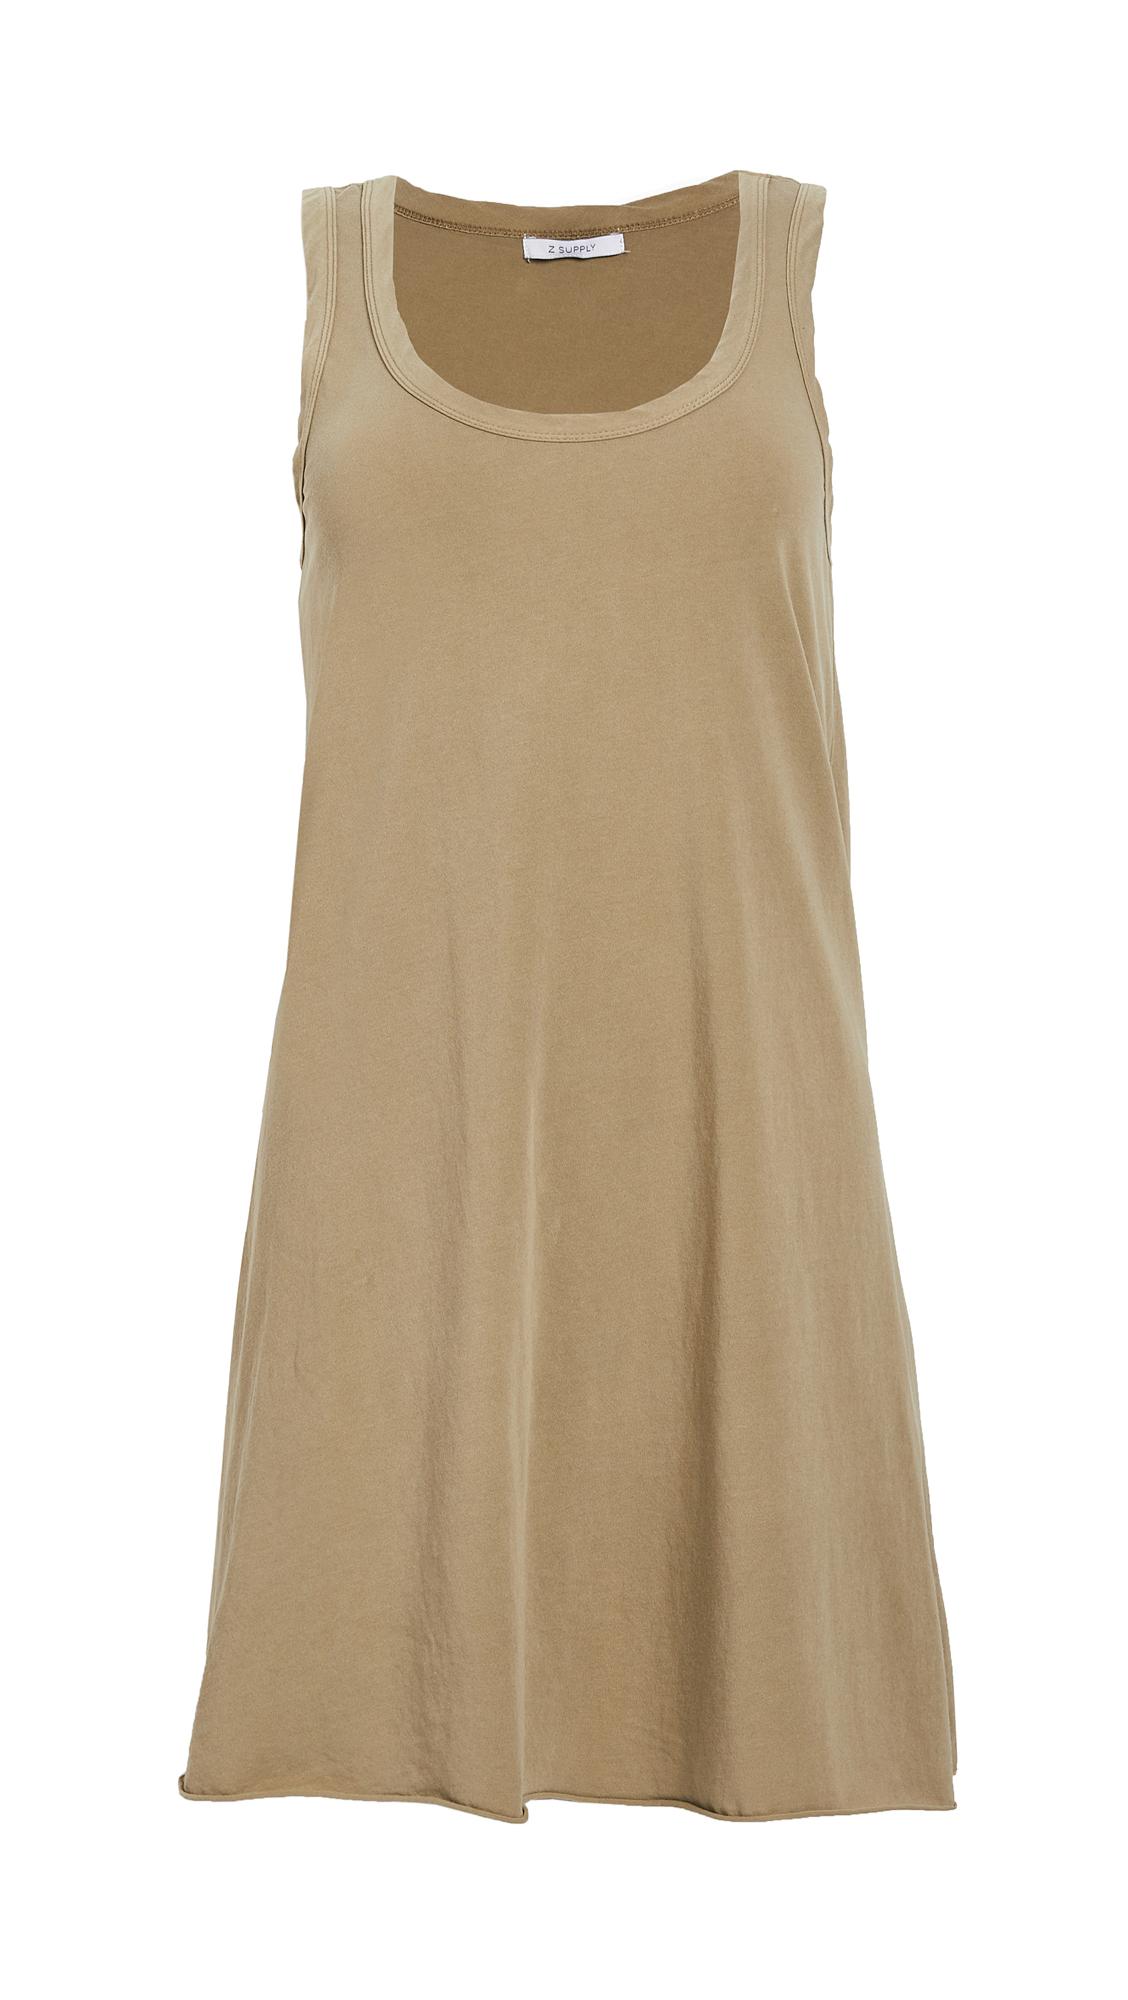 Z Supply Avery Jersey Dress